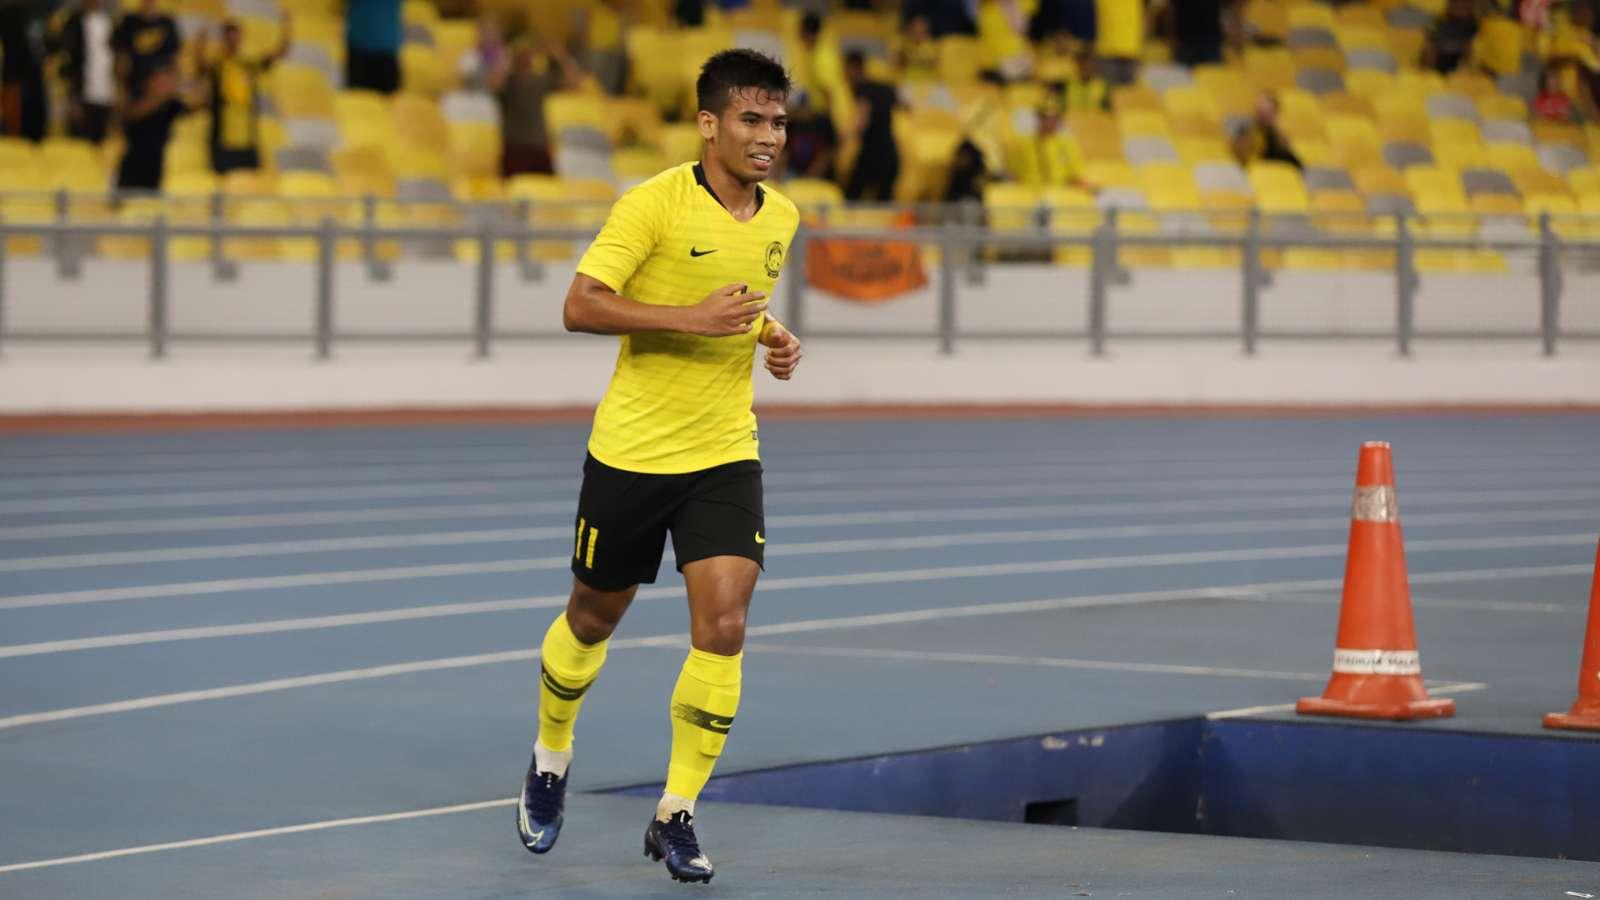 Safawi Rasid, Malaysia v Tajikistan, International Friendly, 9 Nov 2019